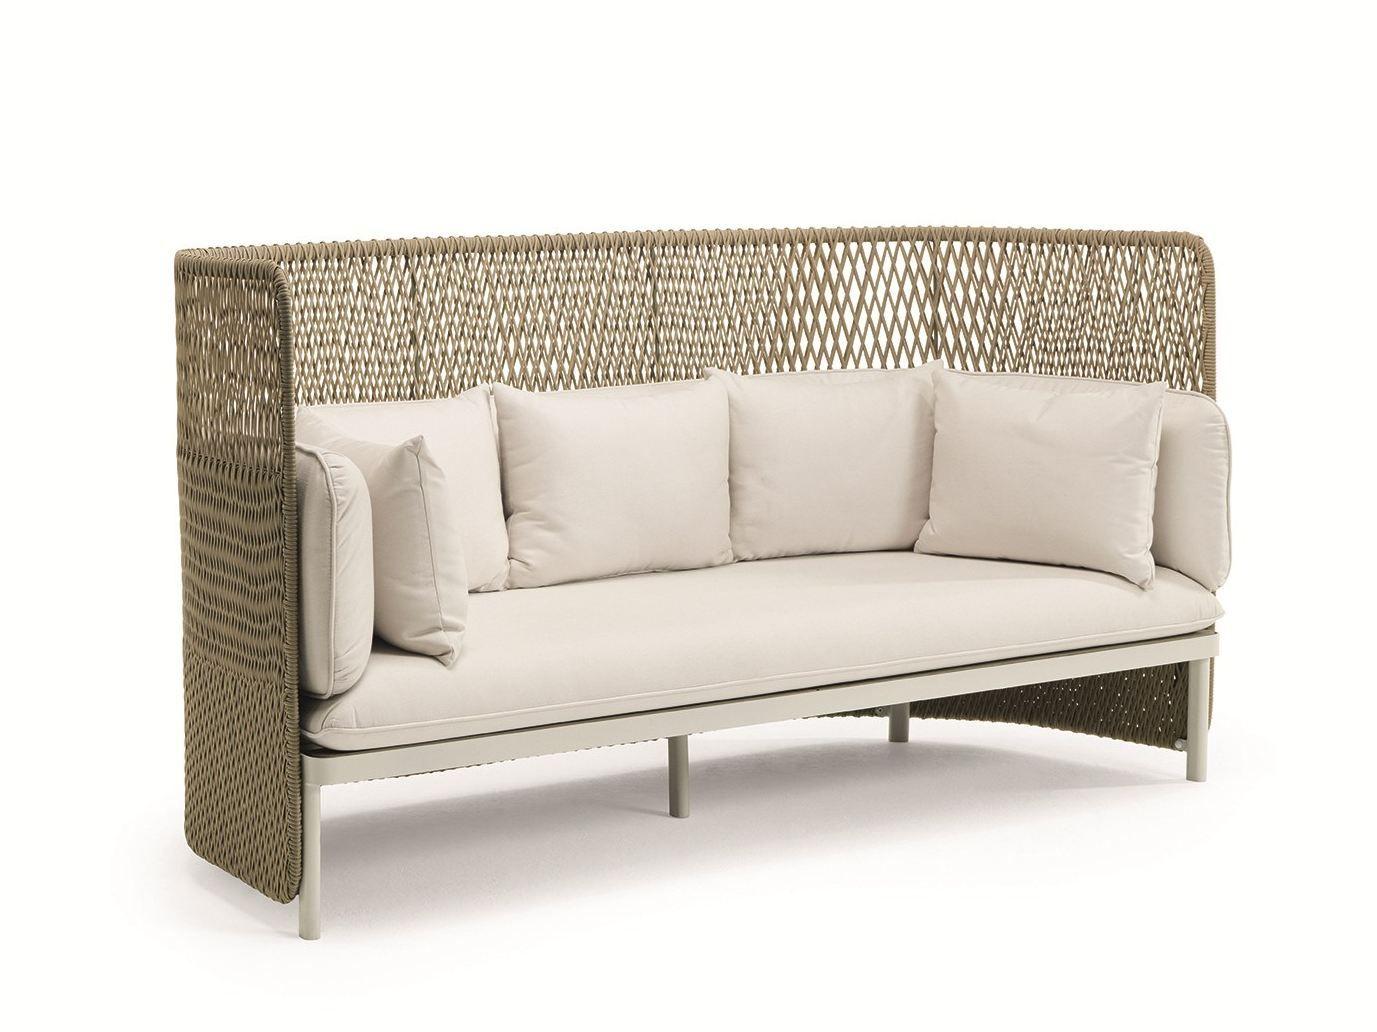 Divano da giardino in stile moderno esedra divano con schienale alto by ethimo design luca nichetto - Divano schienale alto ...